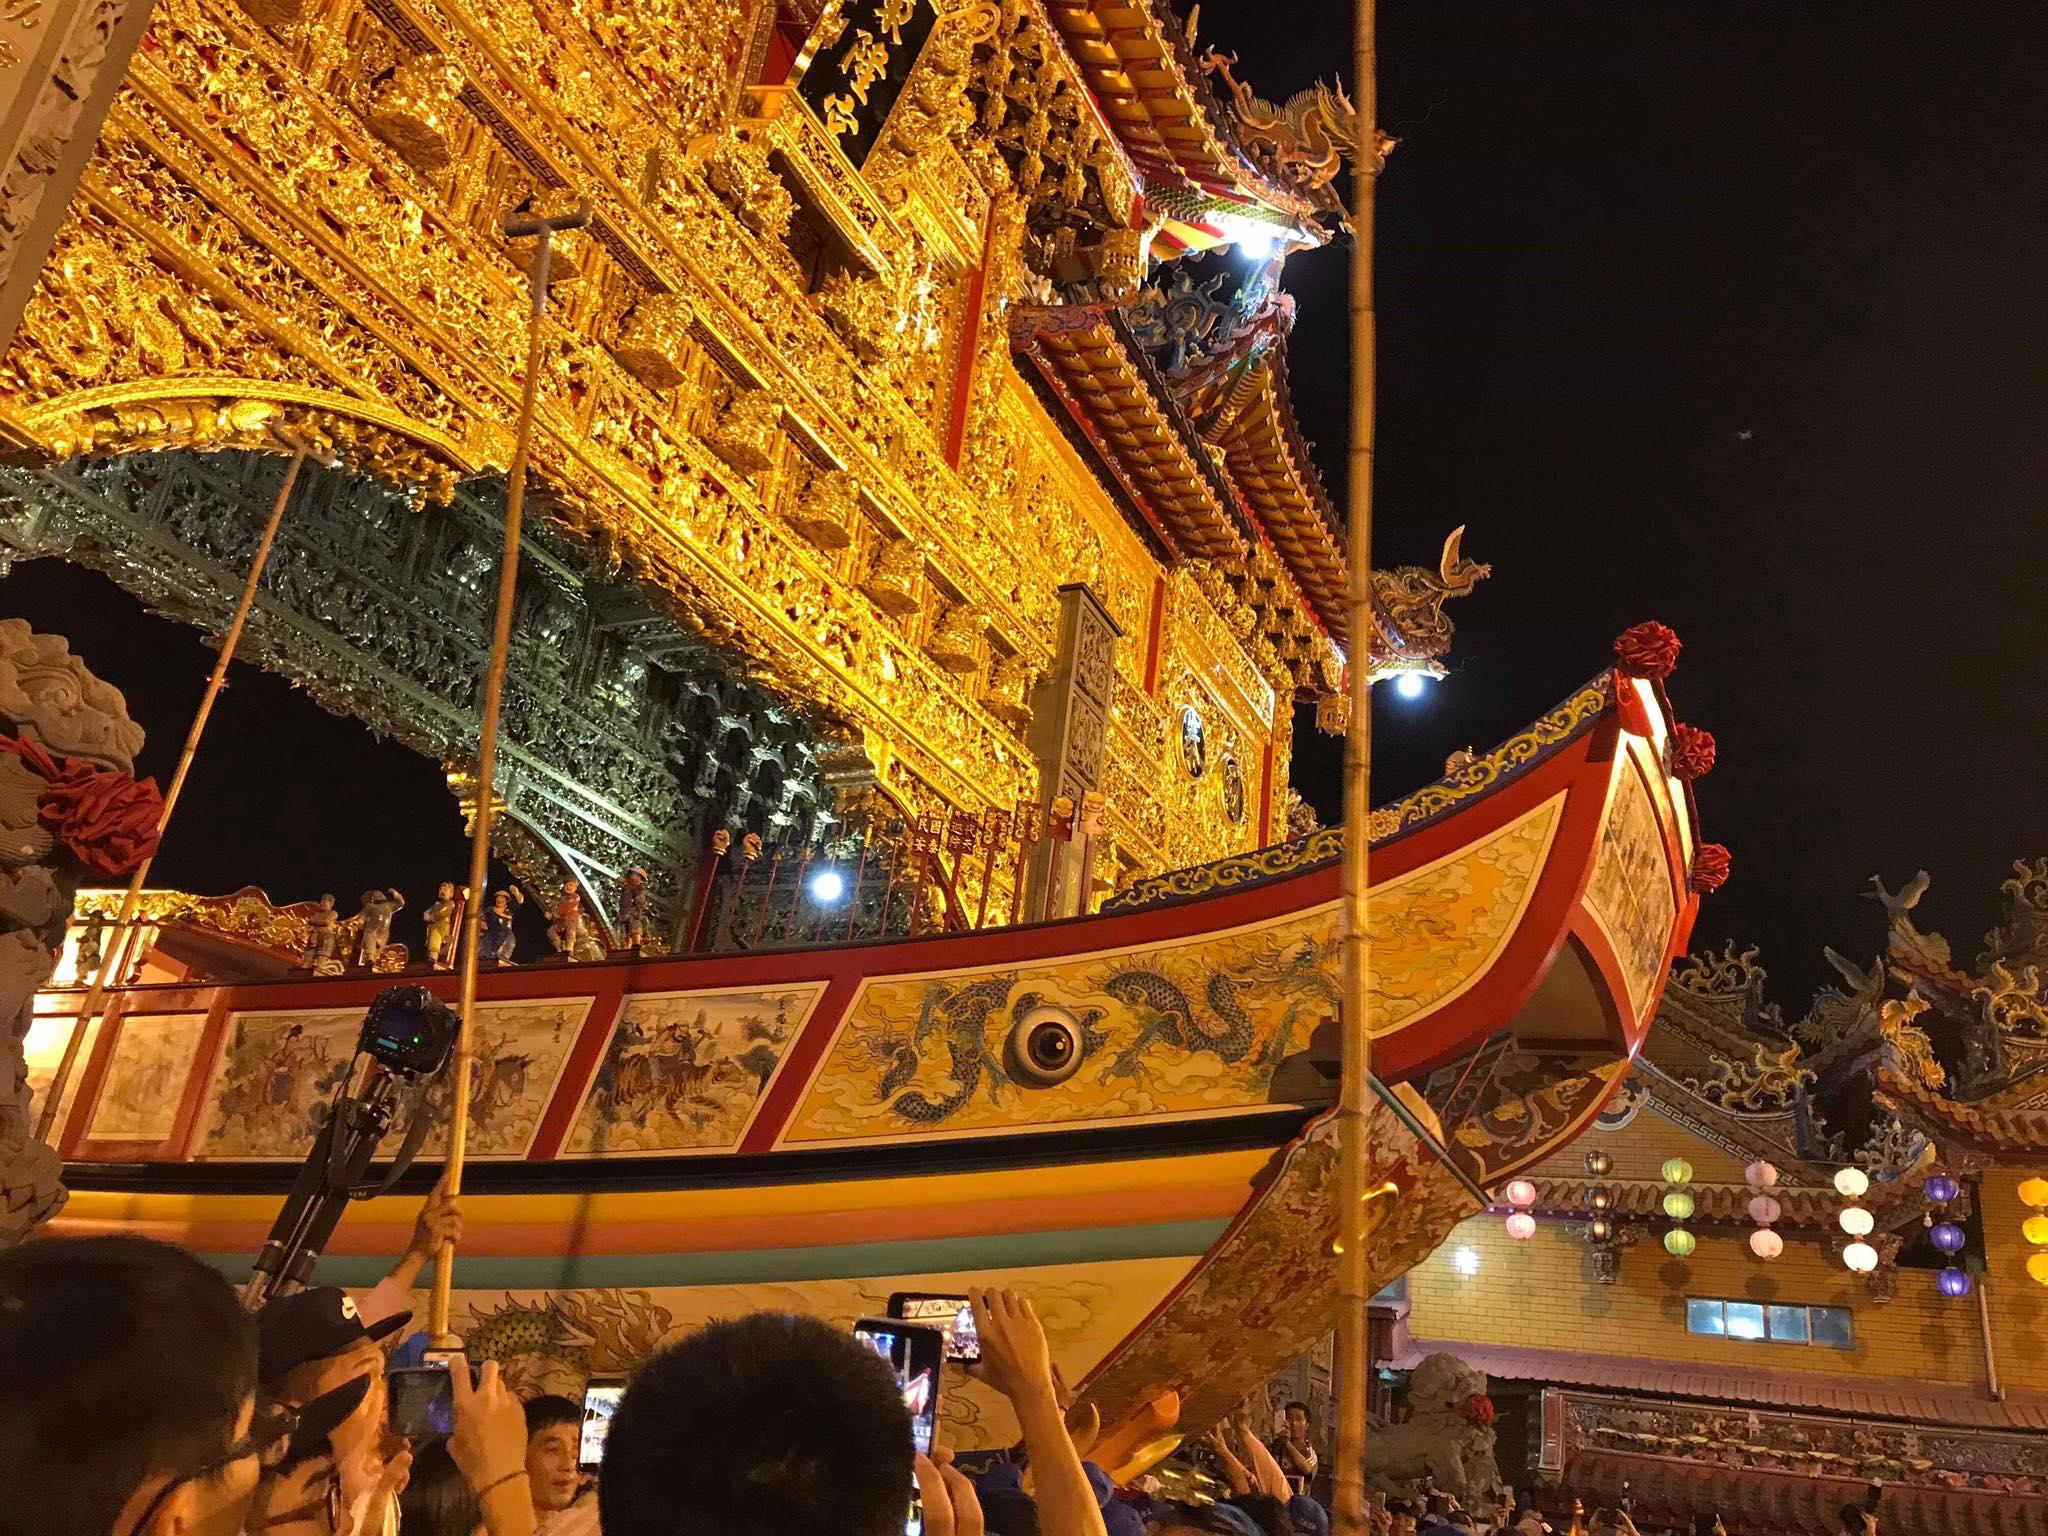 【台灣自由行】享受東港燒王船震撼體驗!沒去過別說你是台灣人!